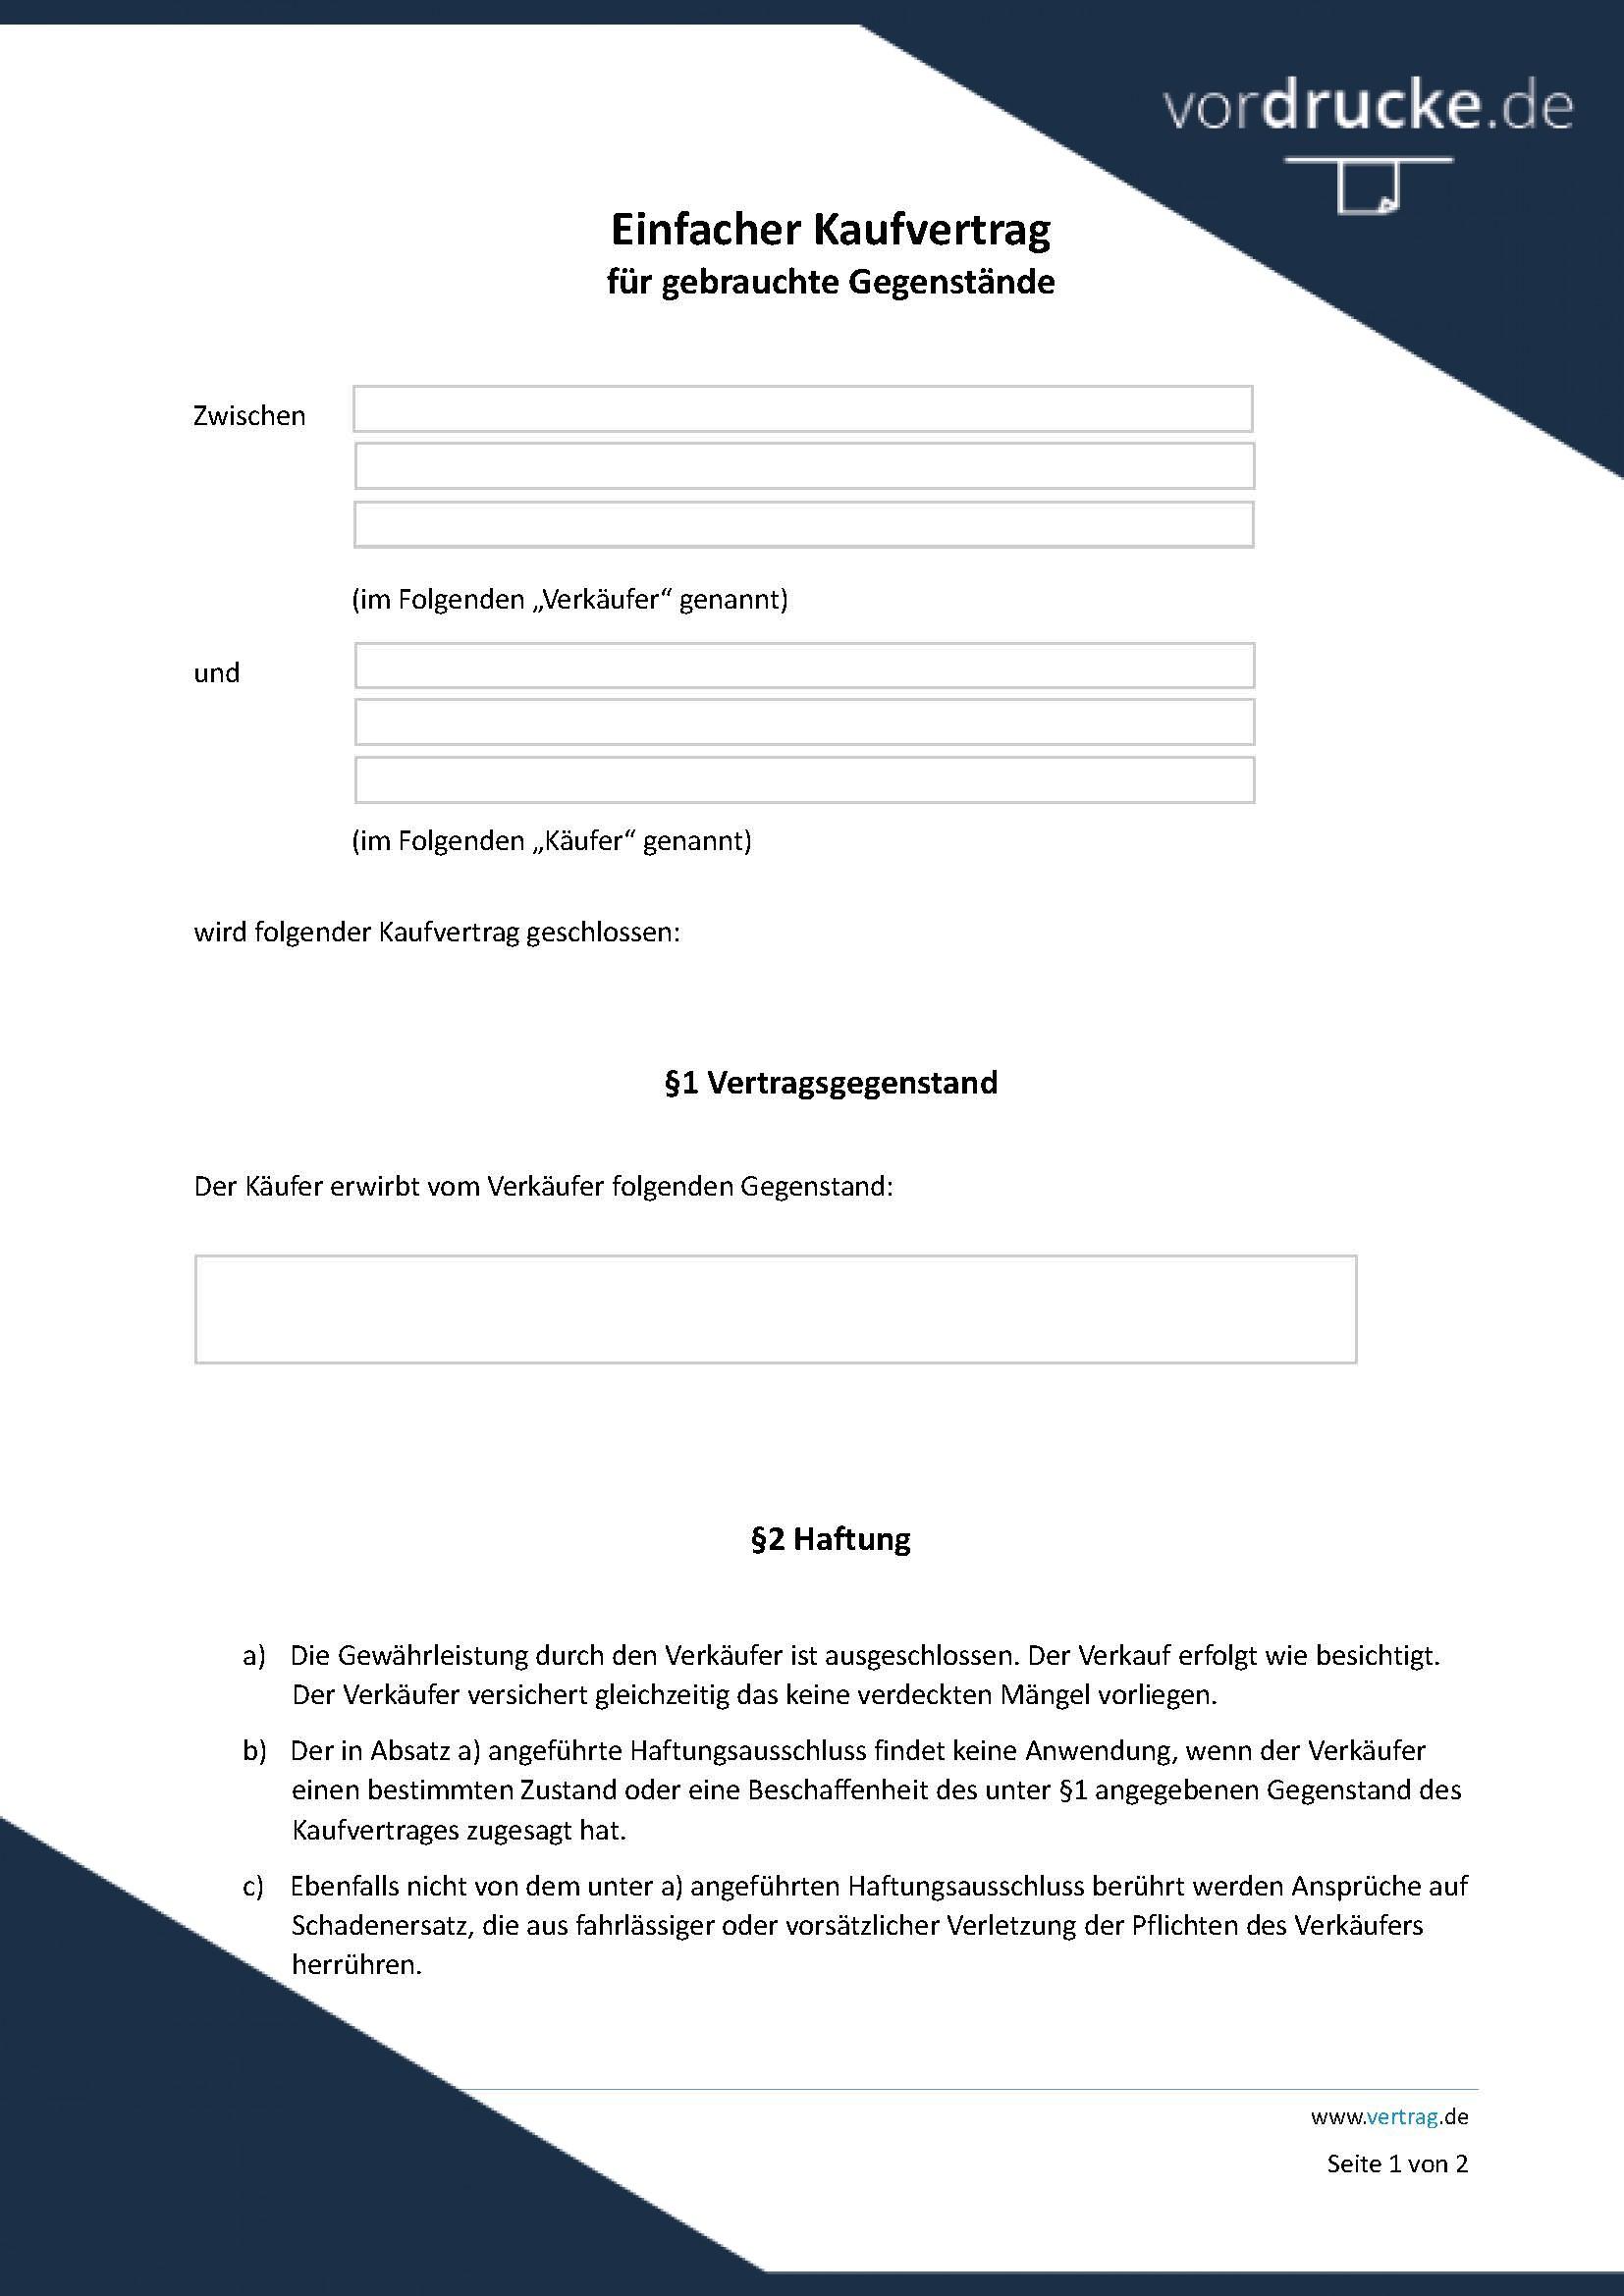 Vordruck kaufvertrag-einfach-gebrauchte-gegenstaende